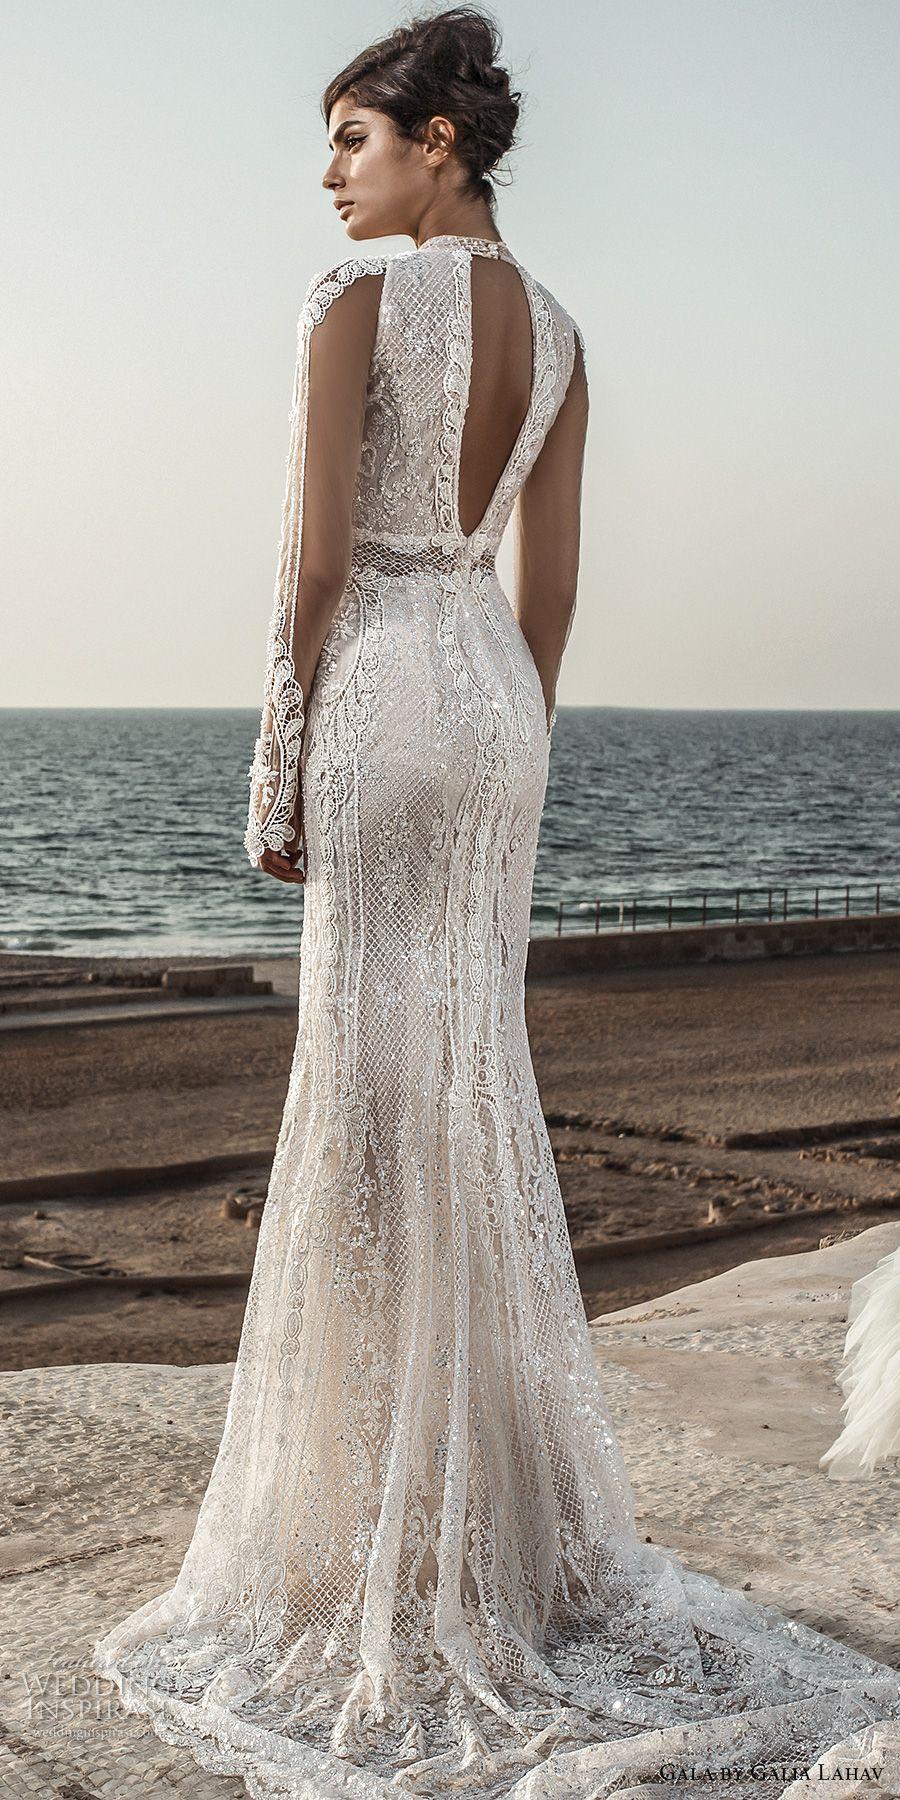 Gala By Galia Lahav 2017 Wedding Dresses Bridal Collection No Iii Vestido Casamento Civil Vestido De Noiva Renda Lacos De Casamento